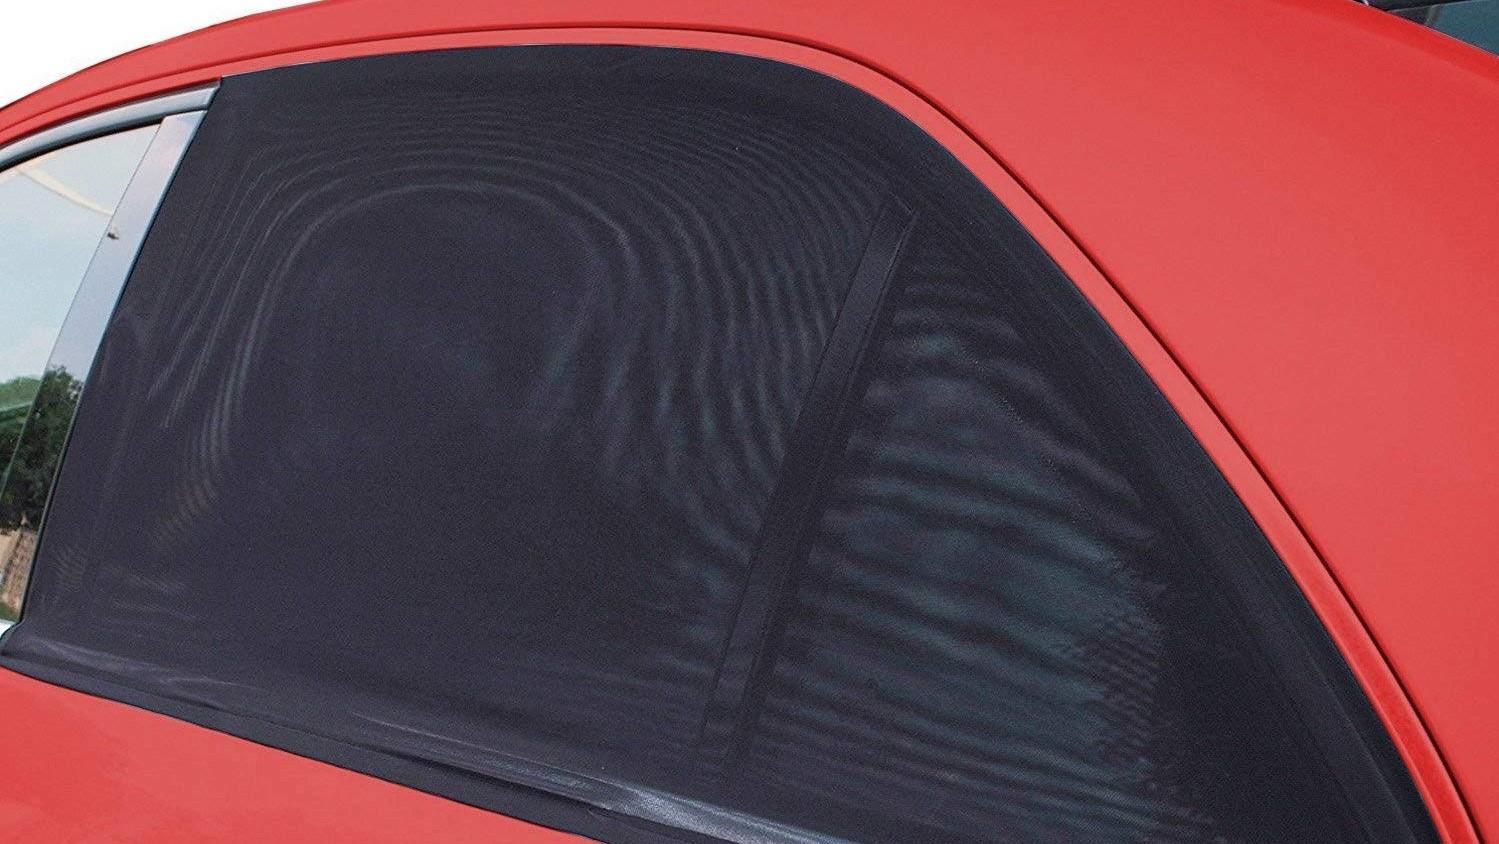 Las fundas de ventana ofrecen más beneficios que los parasoles tradicionales